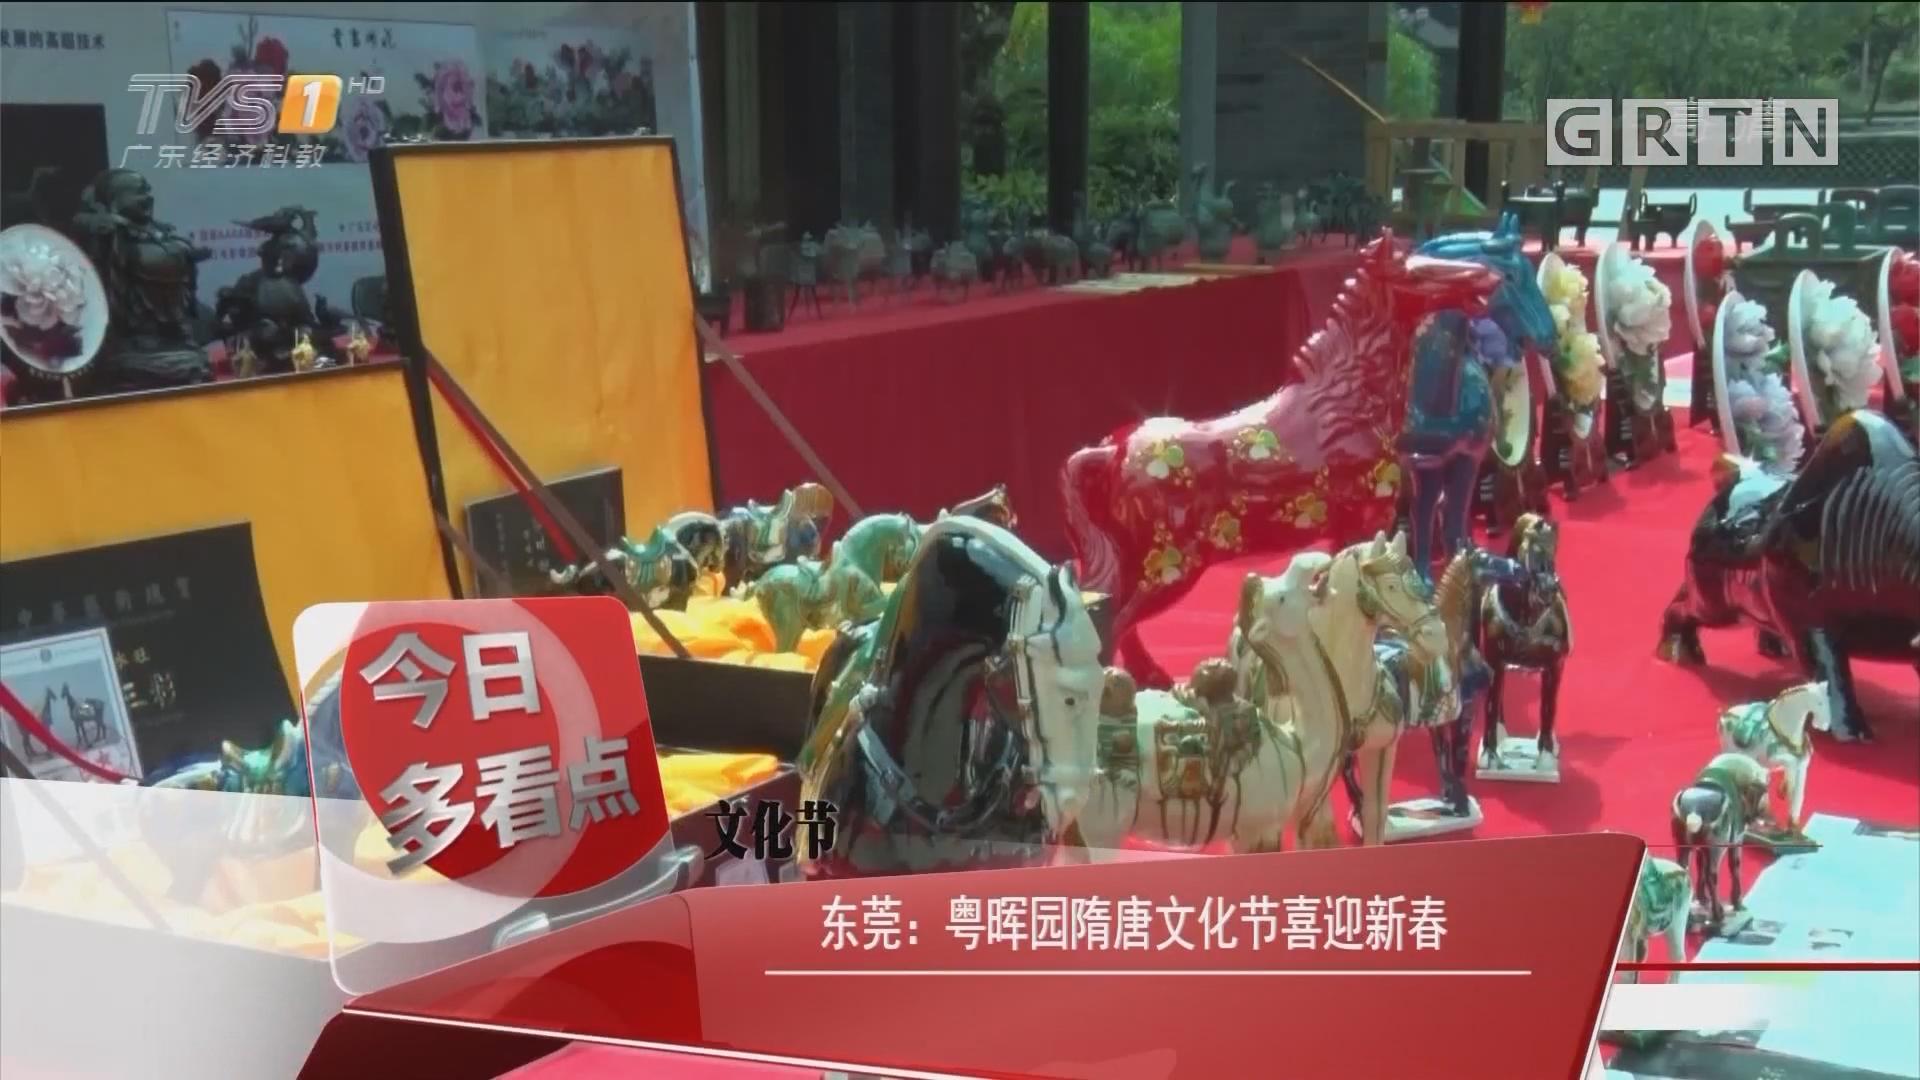 文化节 东莞:粤晖园隋唐文化节喜迎新春